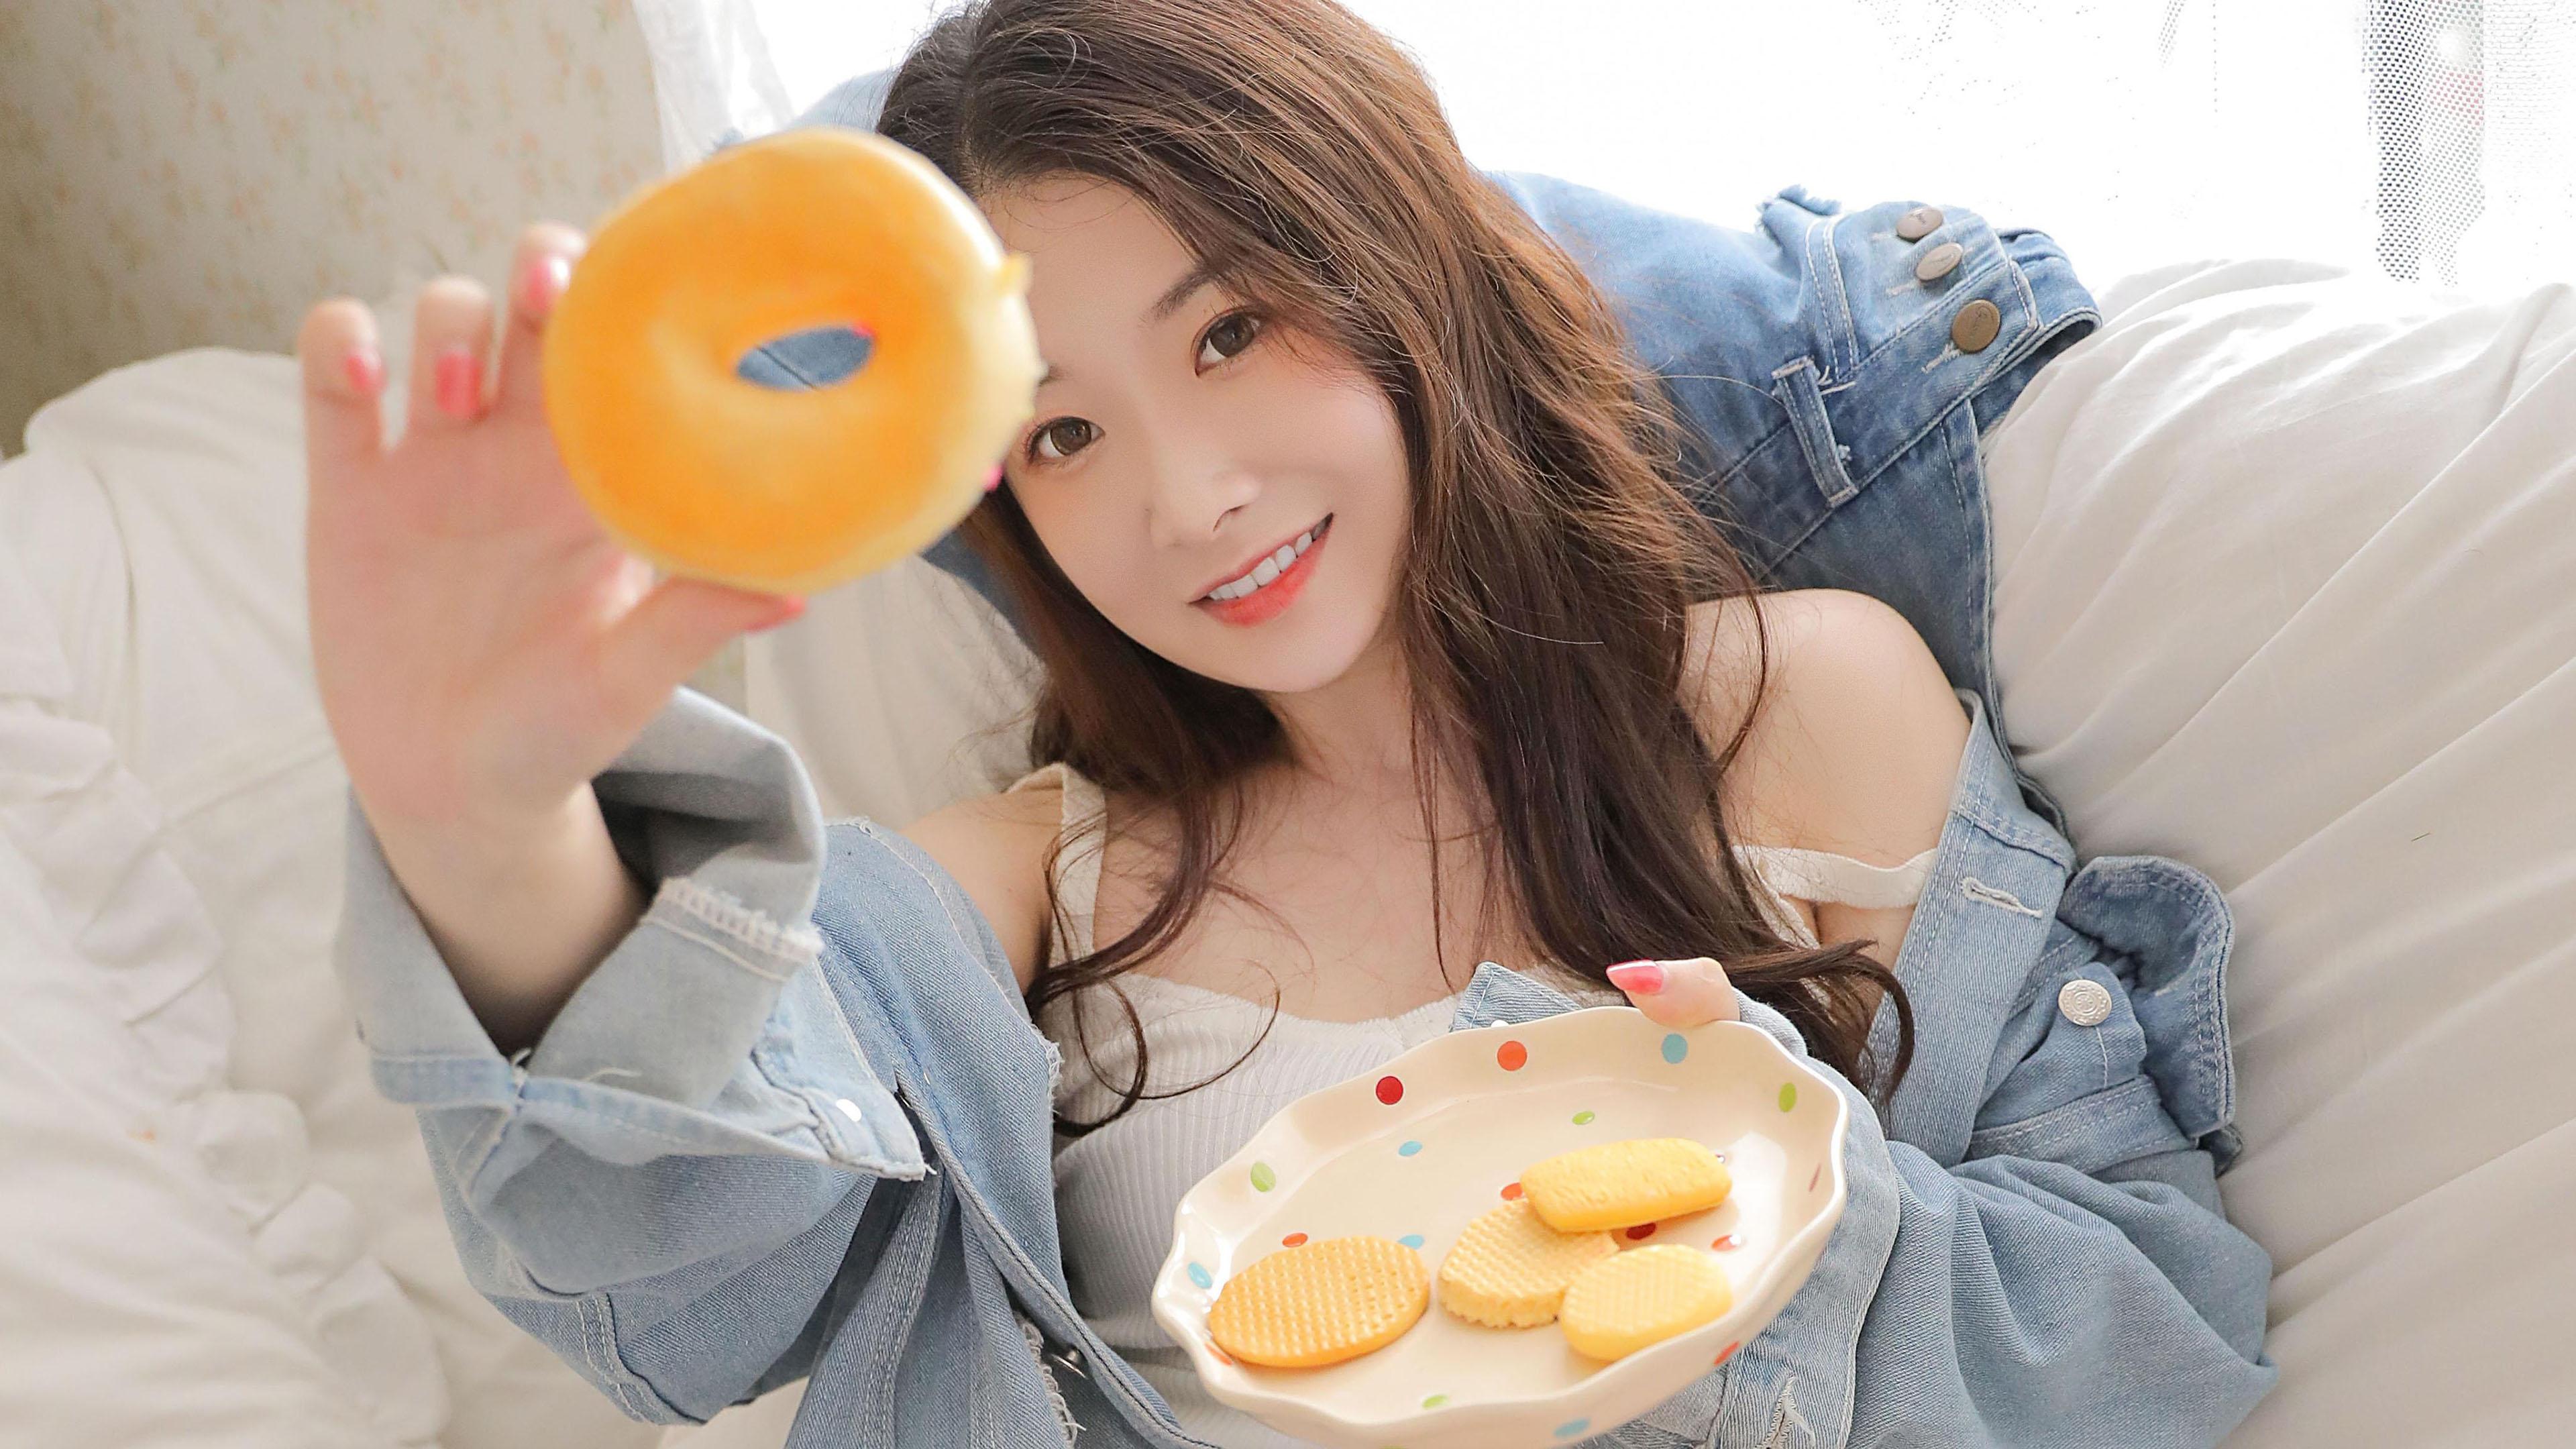 美女模特,性感女神,甜甜圈,饼干,长发牛仔